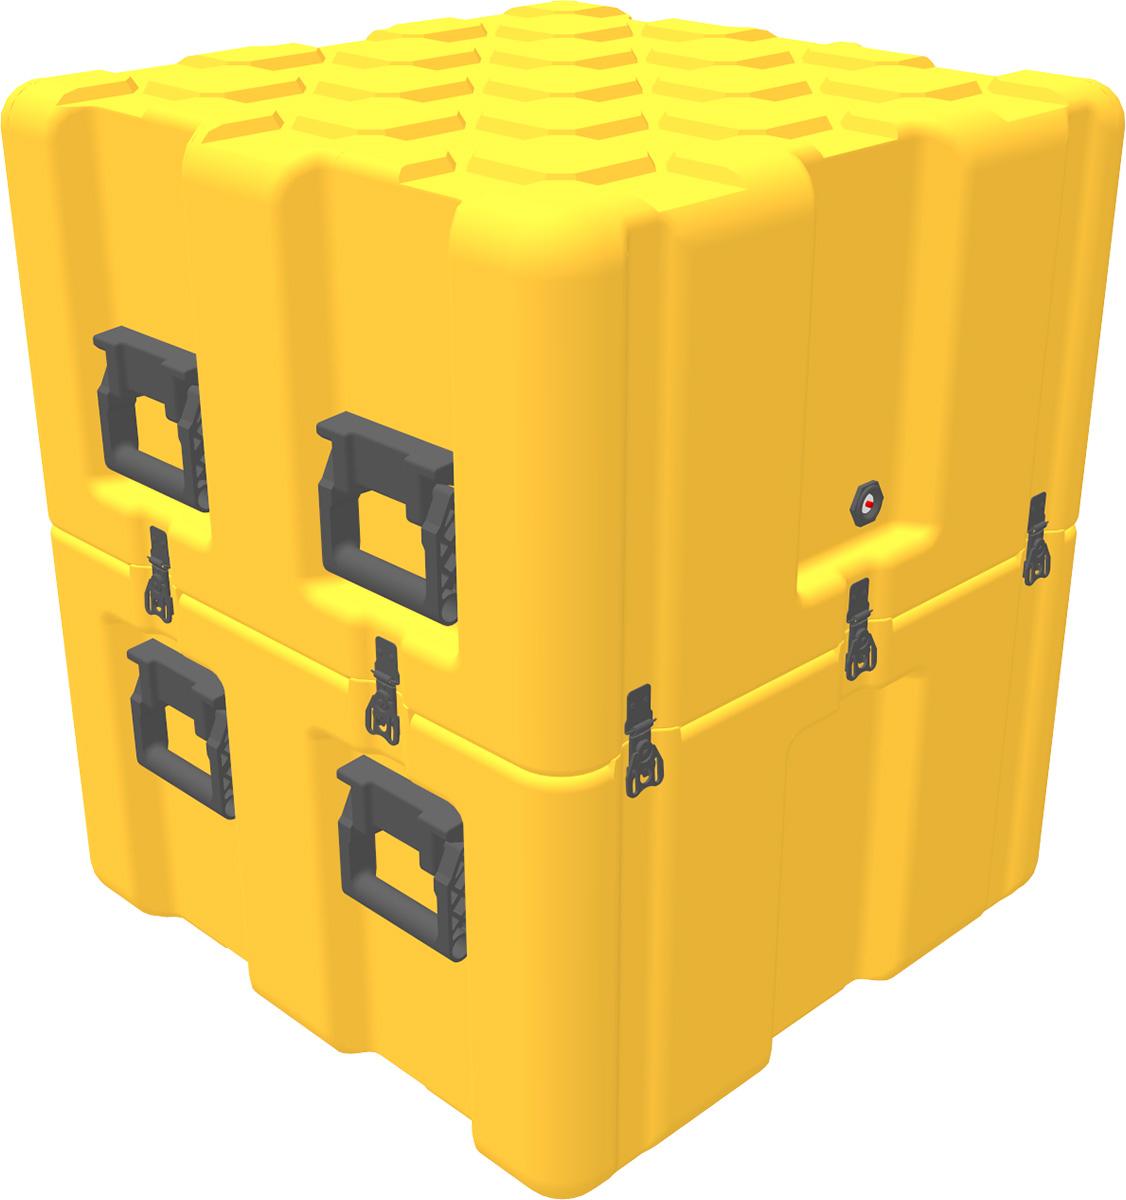 peli eu070070-3040 eu070070 3040 isp2 shipping case